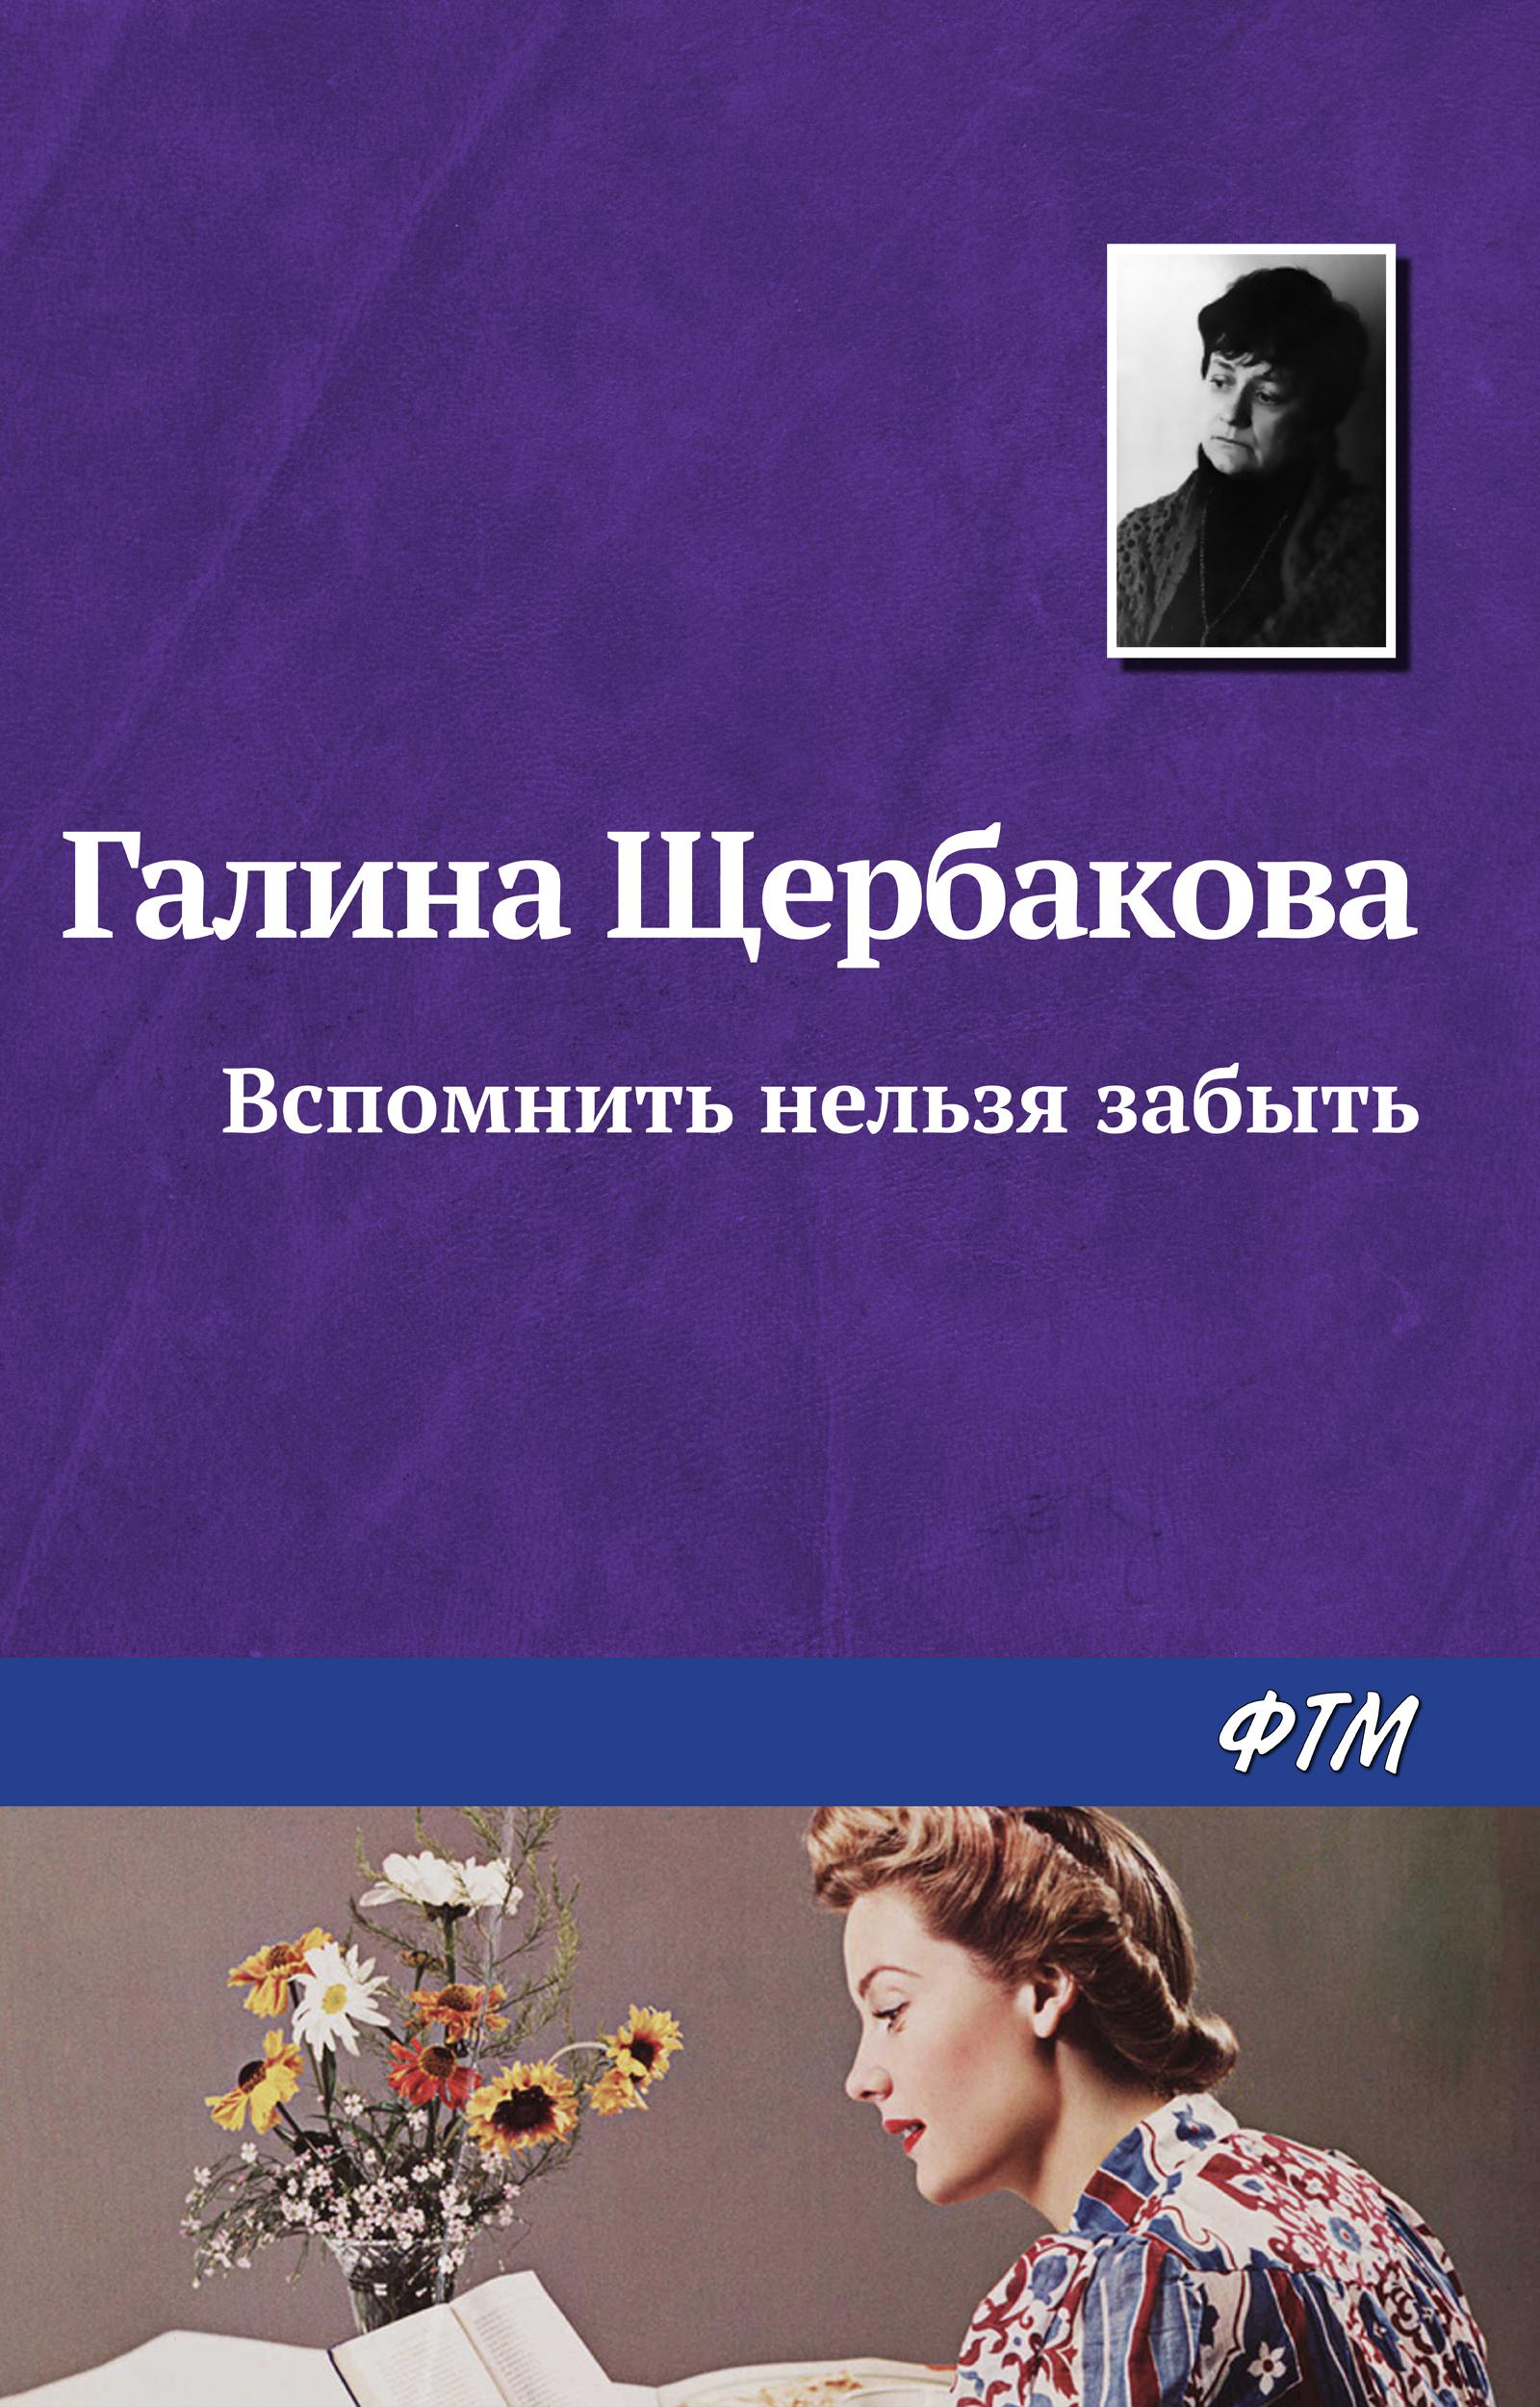 Галина Щербакова Вспомнить нельзя забыть александр алексеевич колупаев забыть чтобы вспомнить